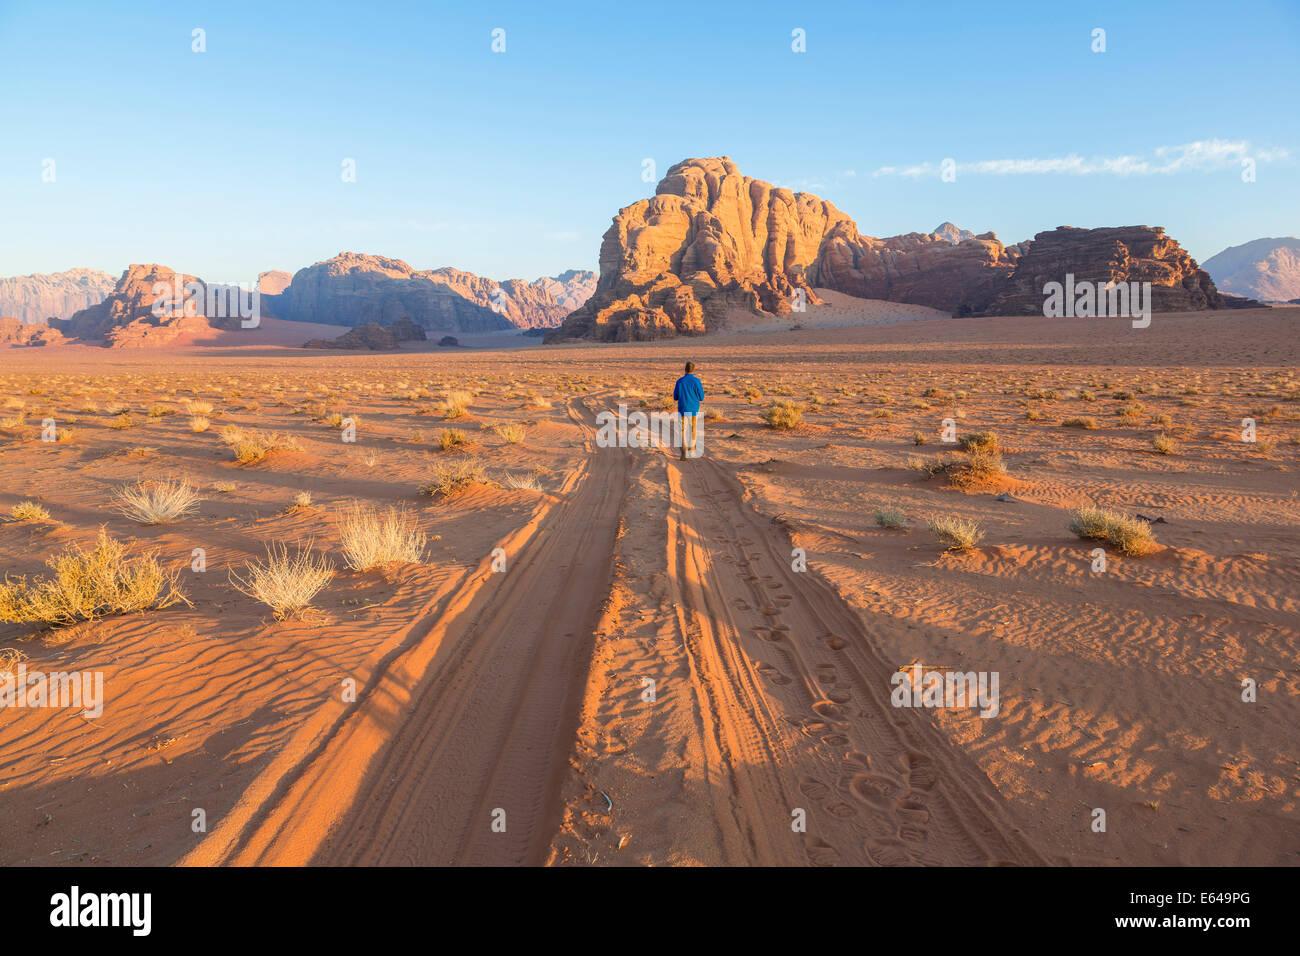 Les pistes dans le désert, Wadi Rum, Jordanie Photo Stock